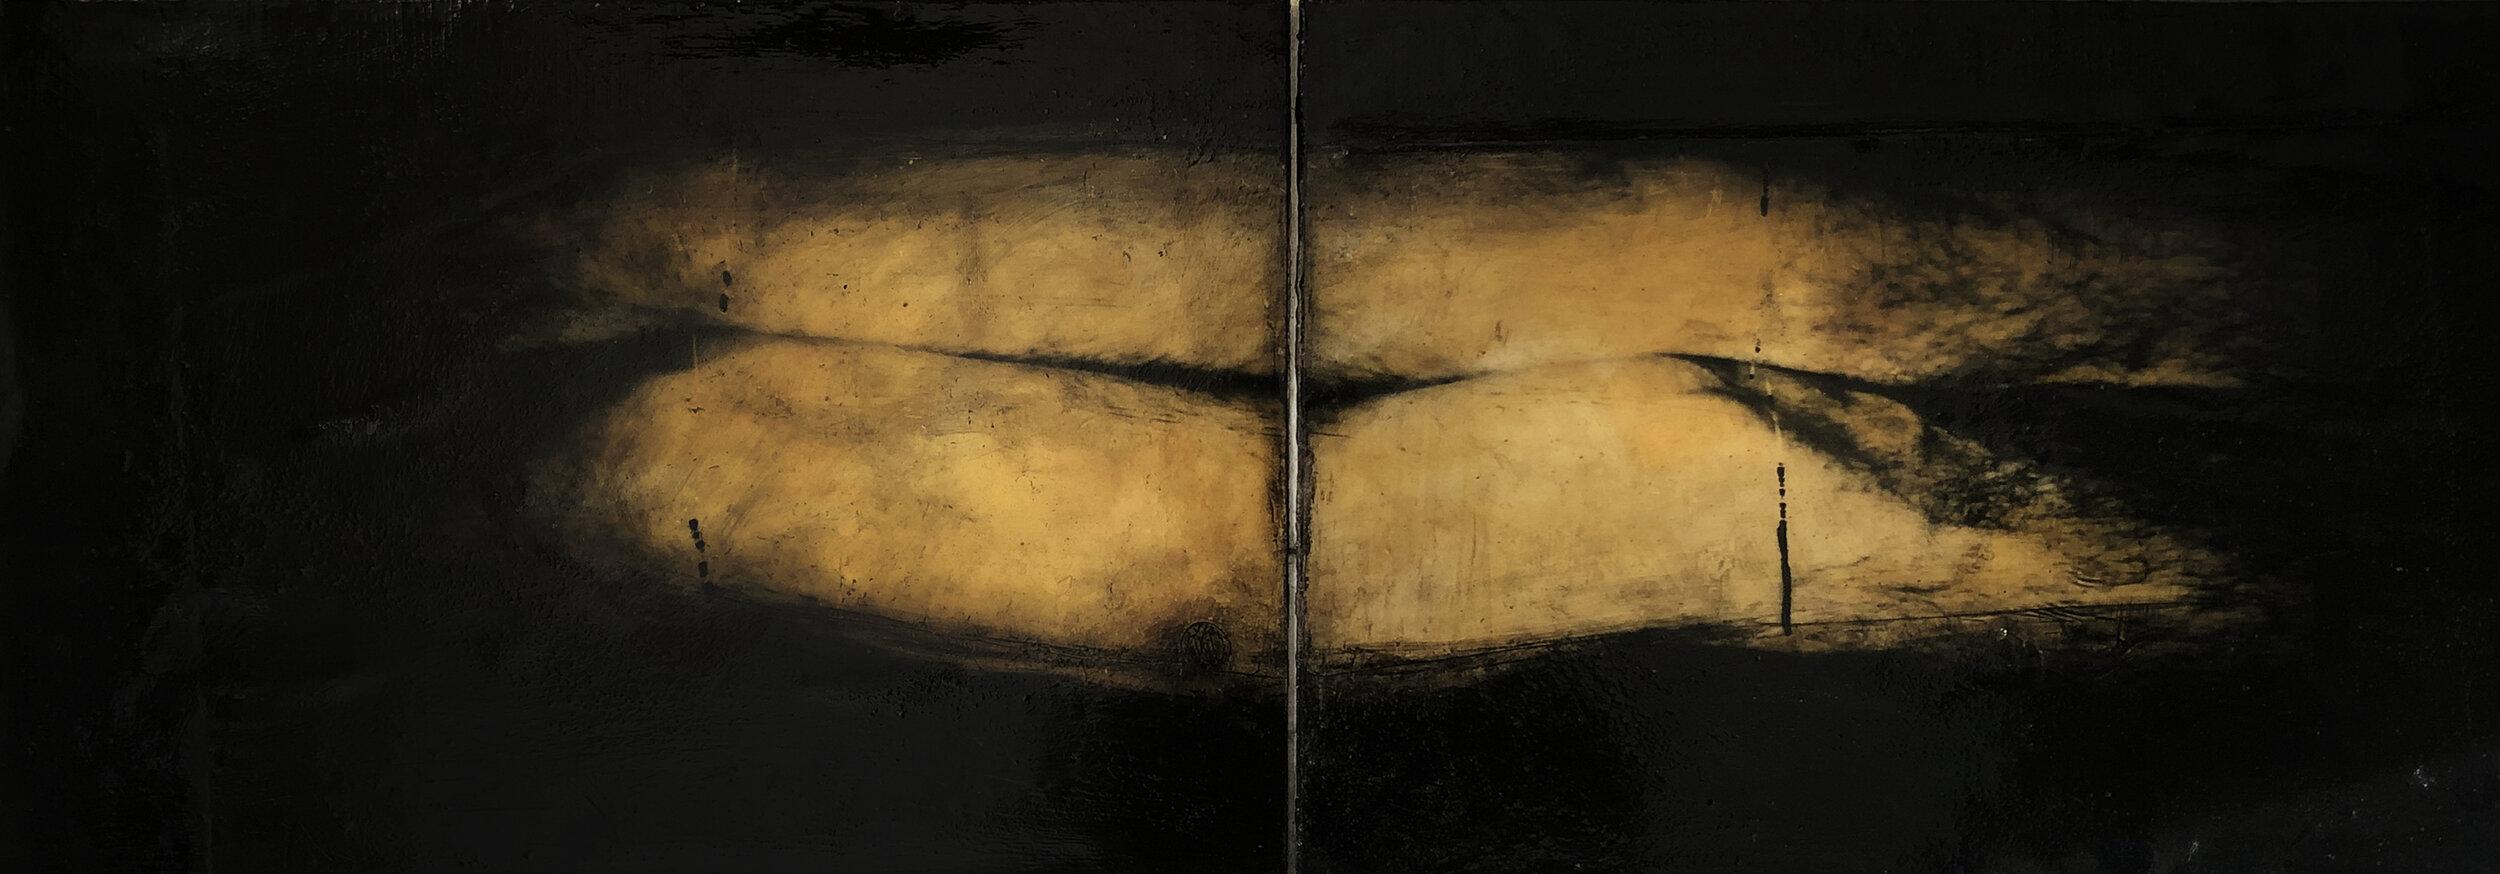 Virgilio Rospigliosi. Gambe speculari (Archetipi Psichici Visivi). 1995©. Acrilico e cera su fotografia analogica applicata ad alluminio.jpg